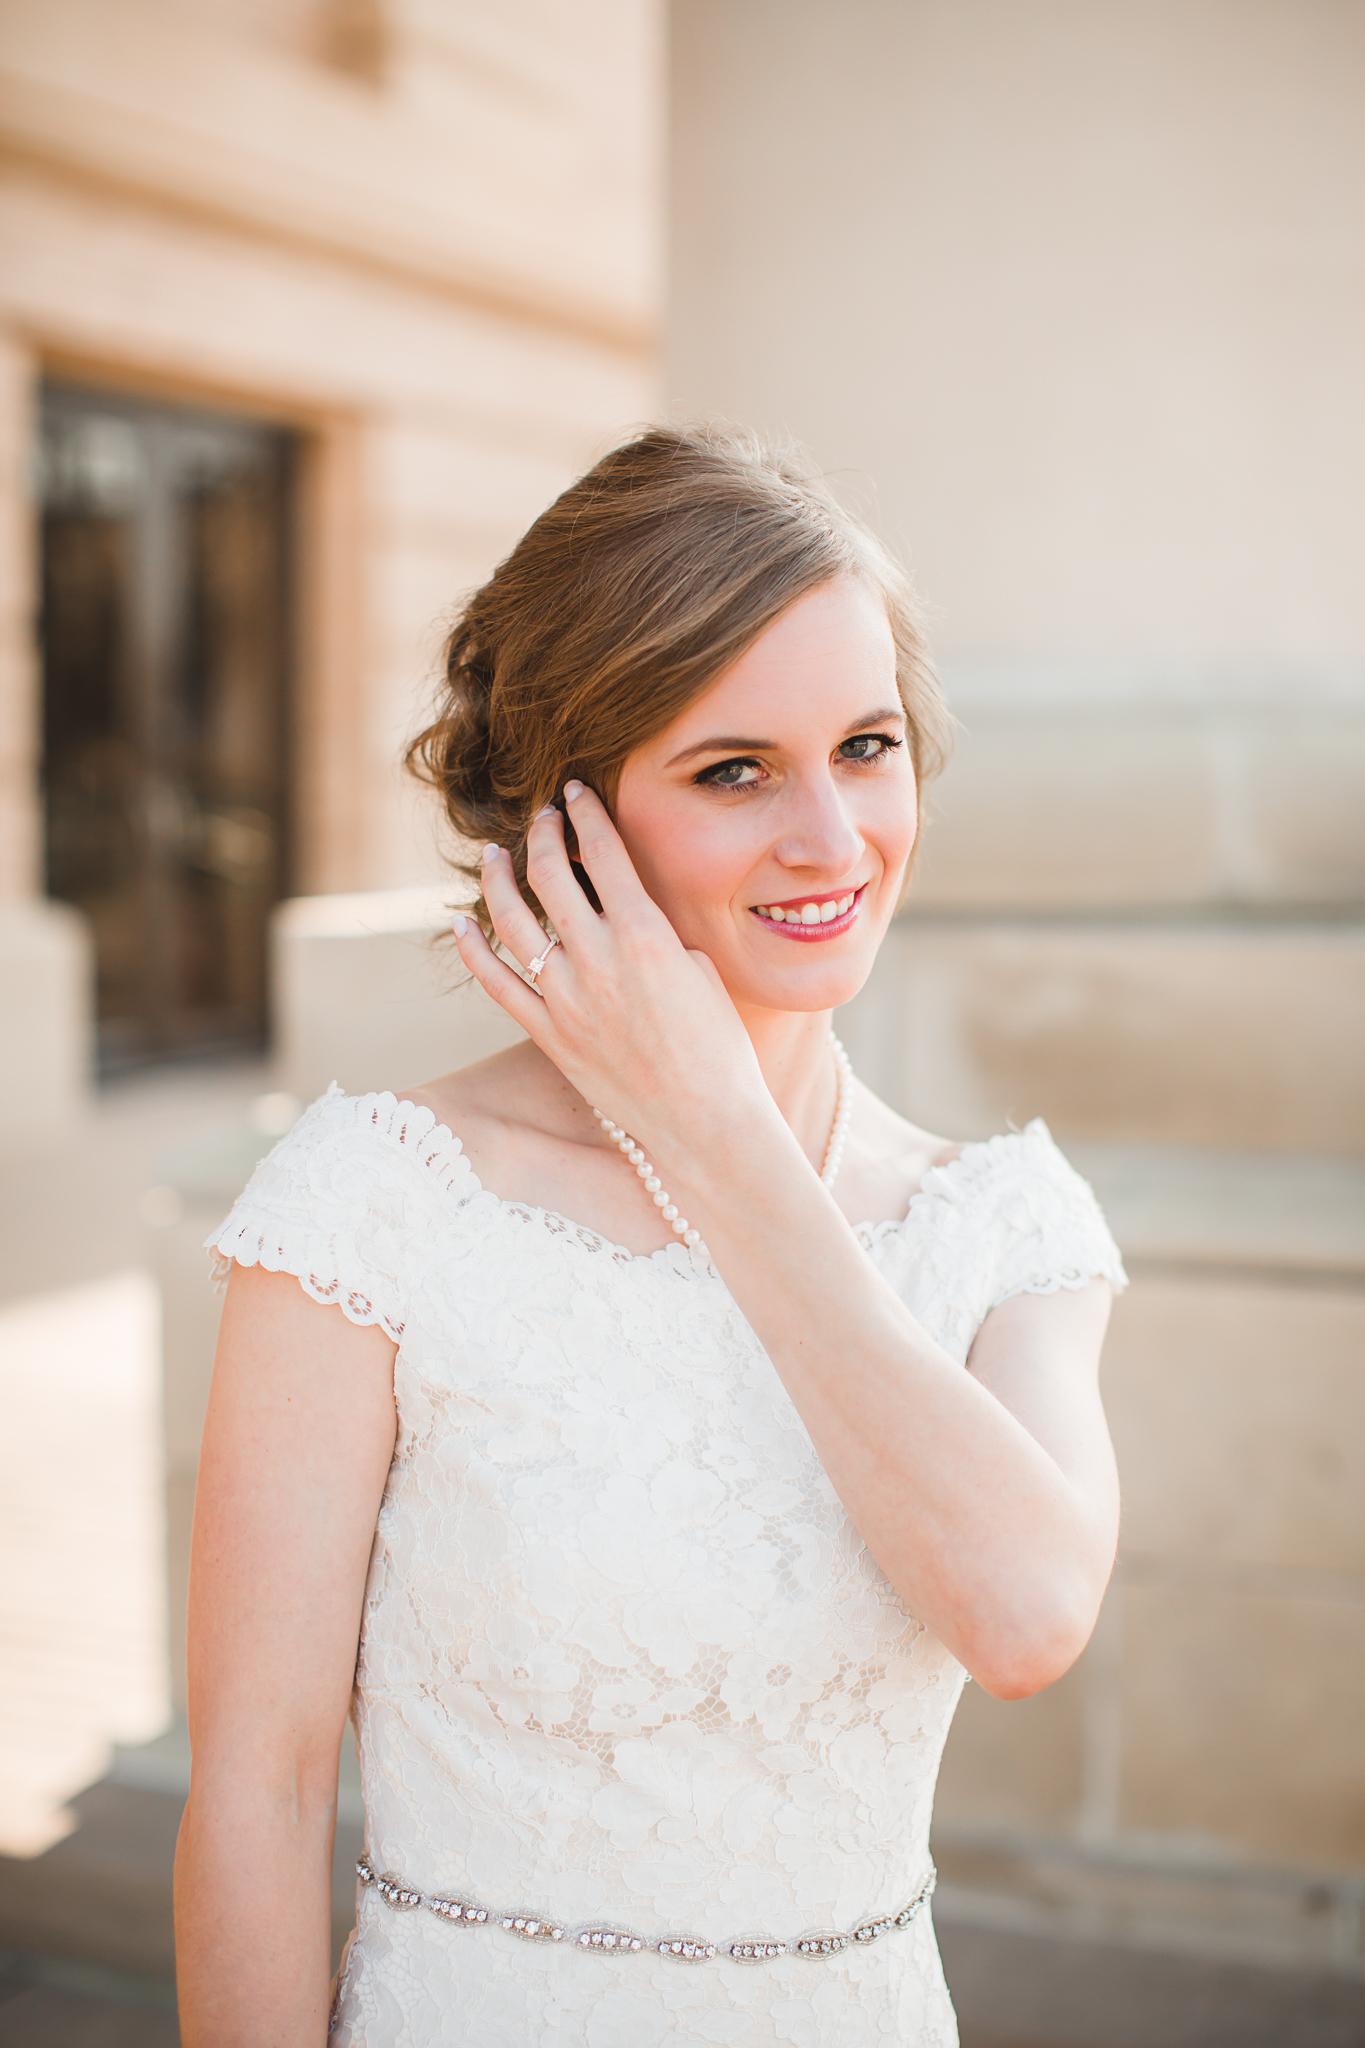 alyssa bridal blog-4.jpg